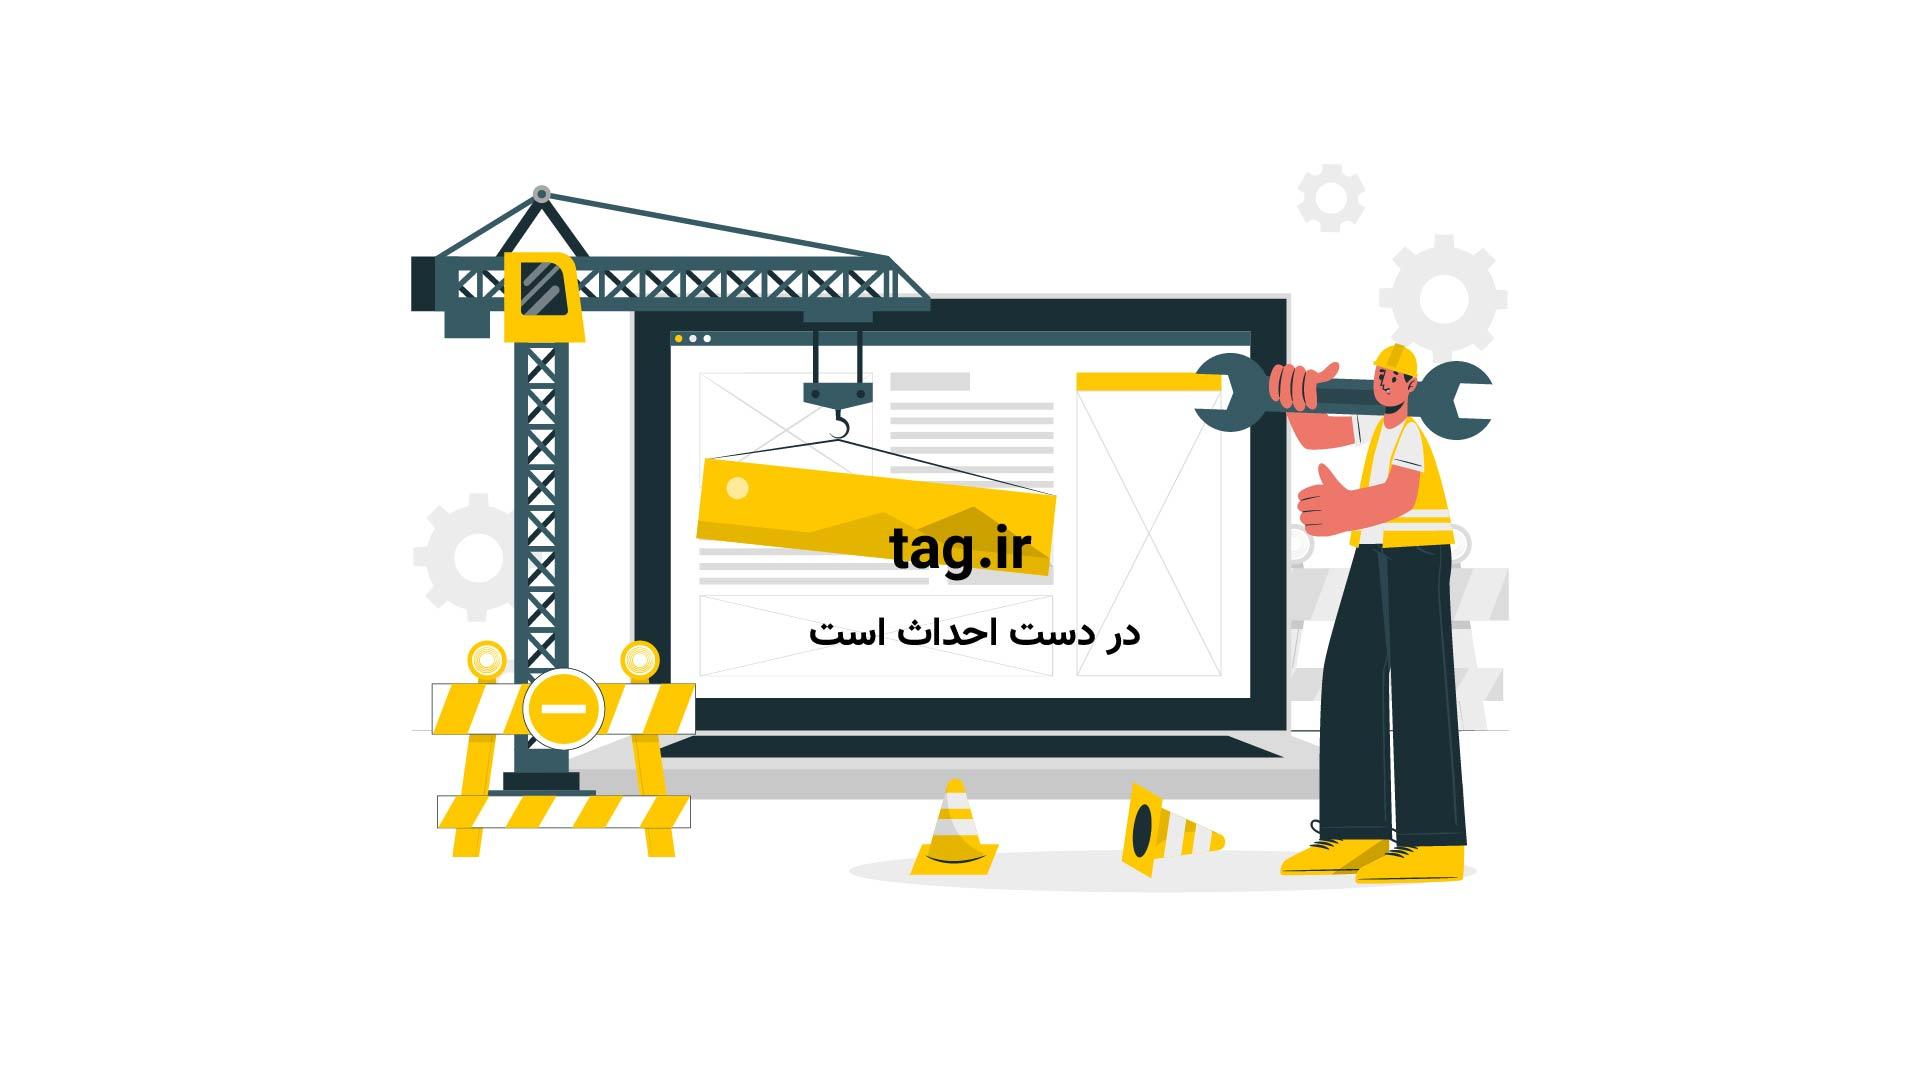 آموزش کشیدن گوسفند   تگ